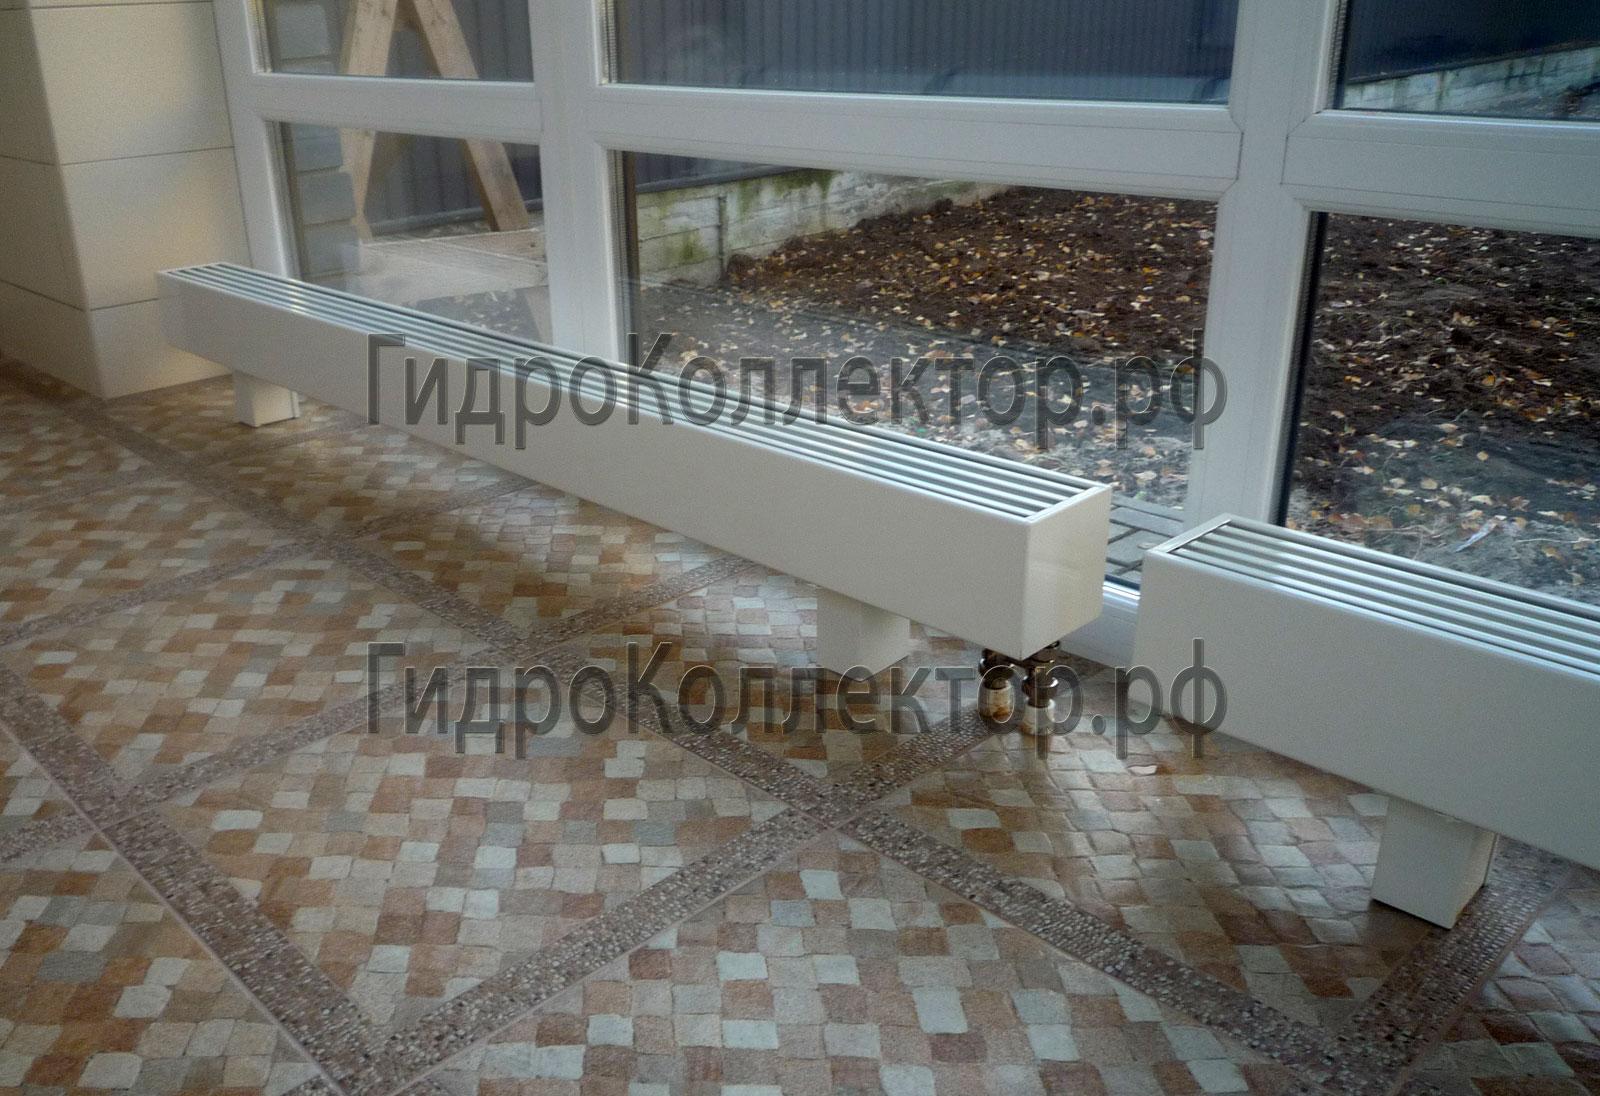 Все варианты отопления при панорамных окнах | ремонтируем и строим